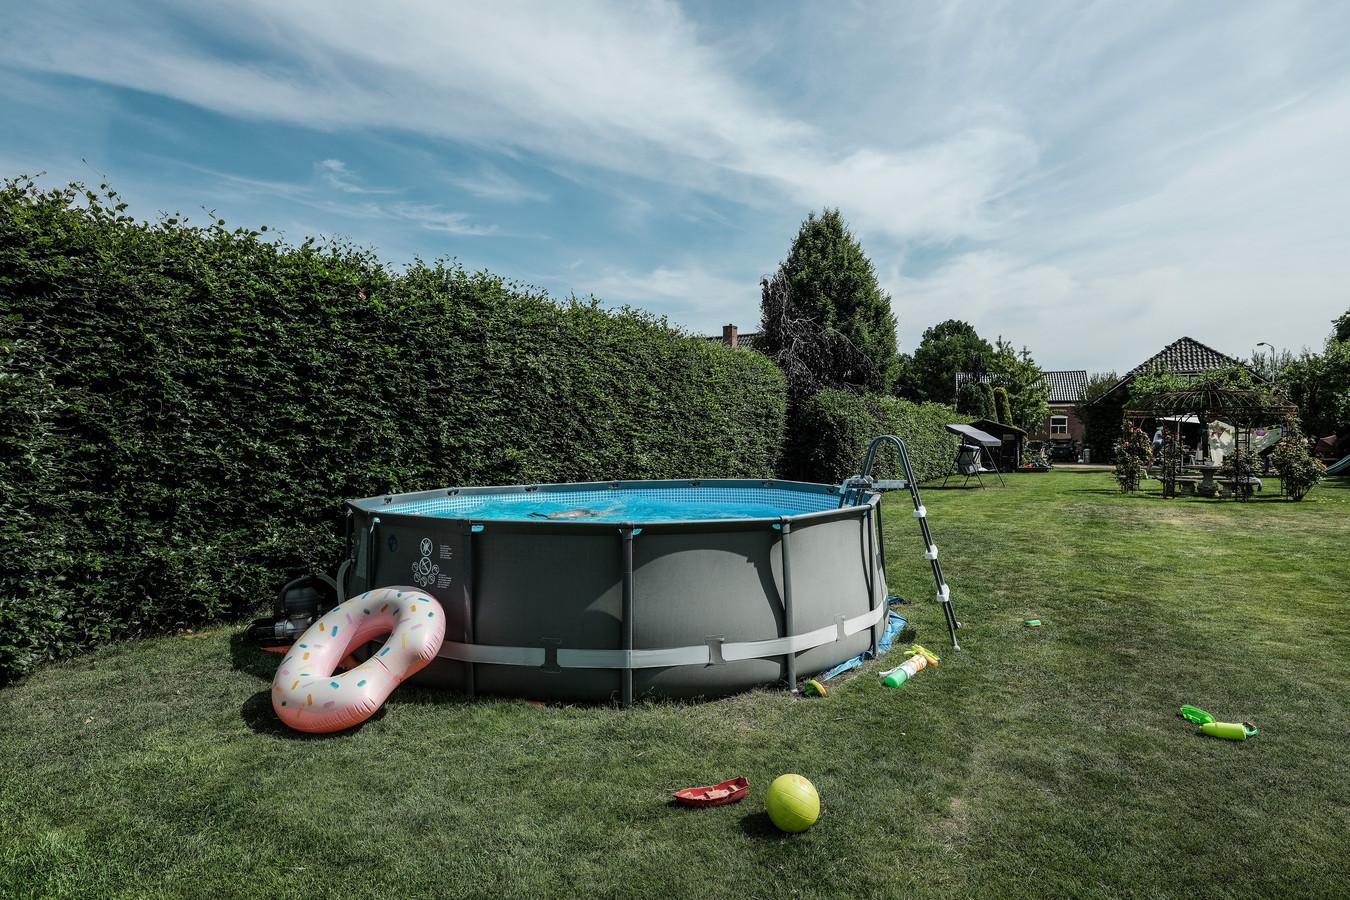 Zwembad in tuin in Gendringen.